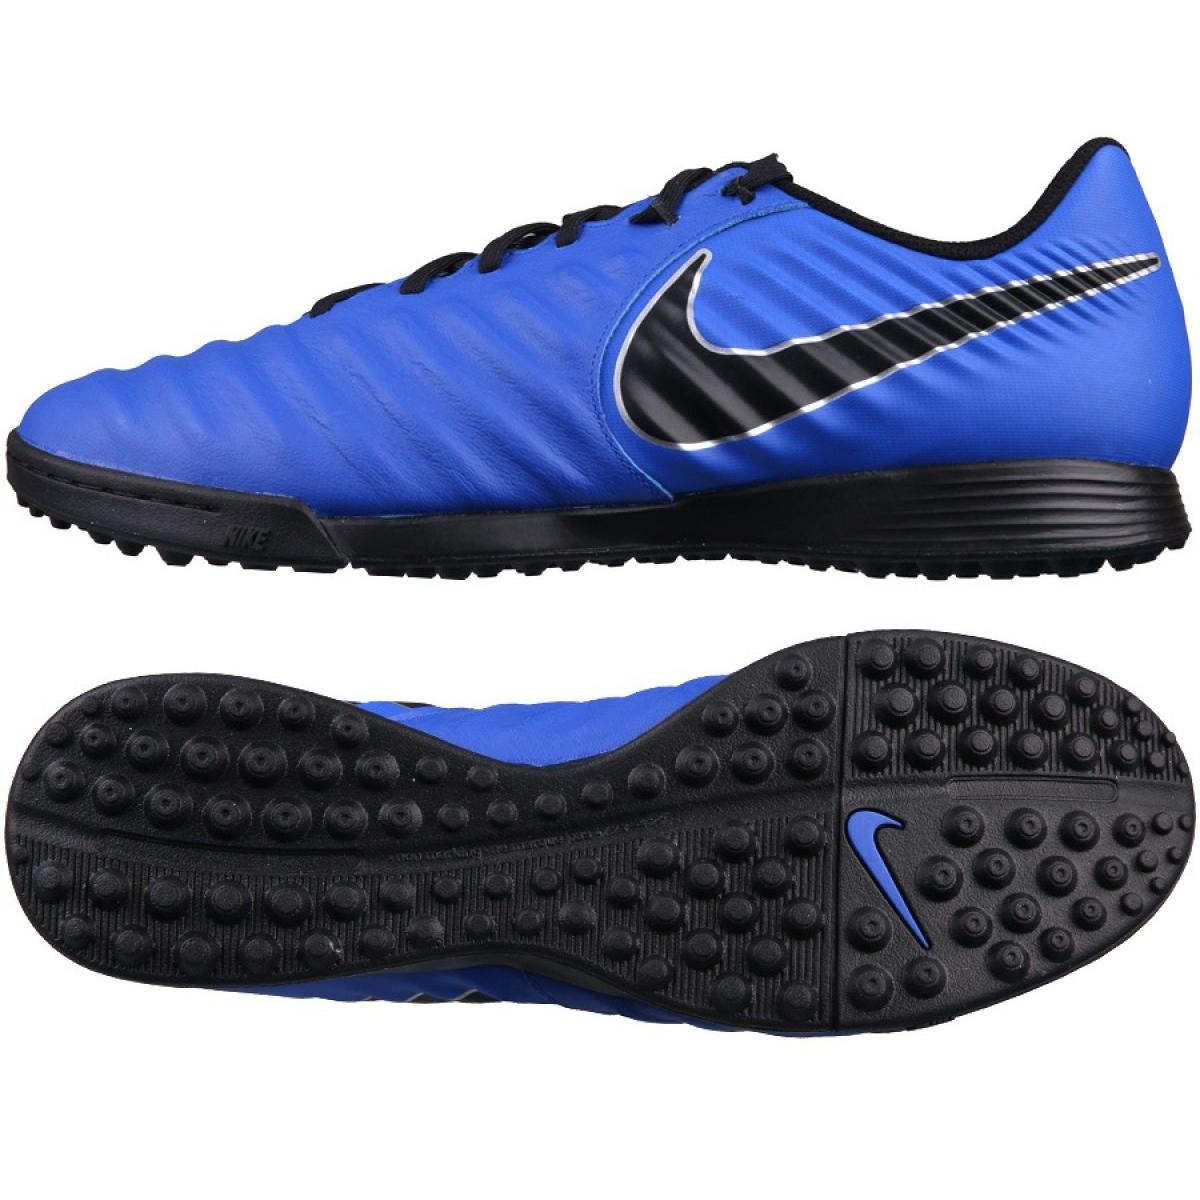 Zapatillas de fútbol Nike Tiempo LegendX 7 Academy Tf M AH7243 400 azul marino azul